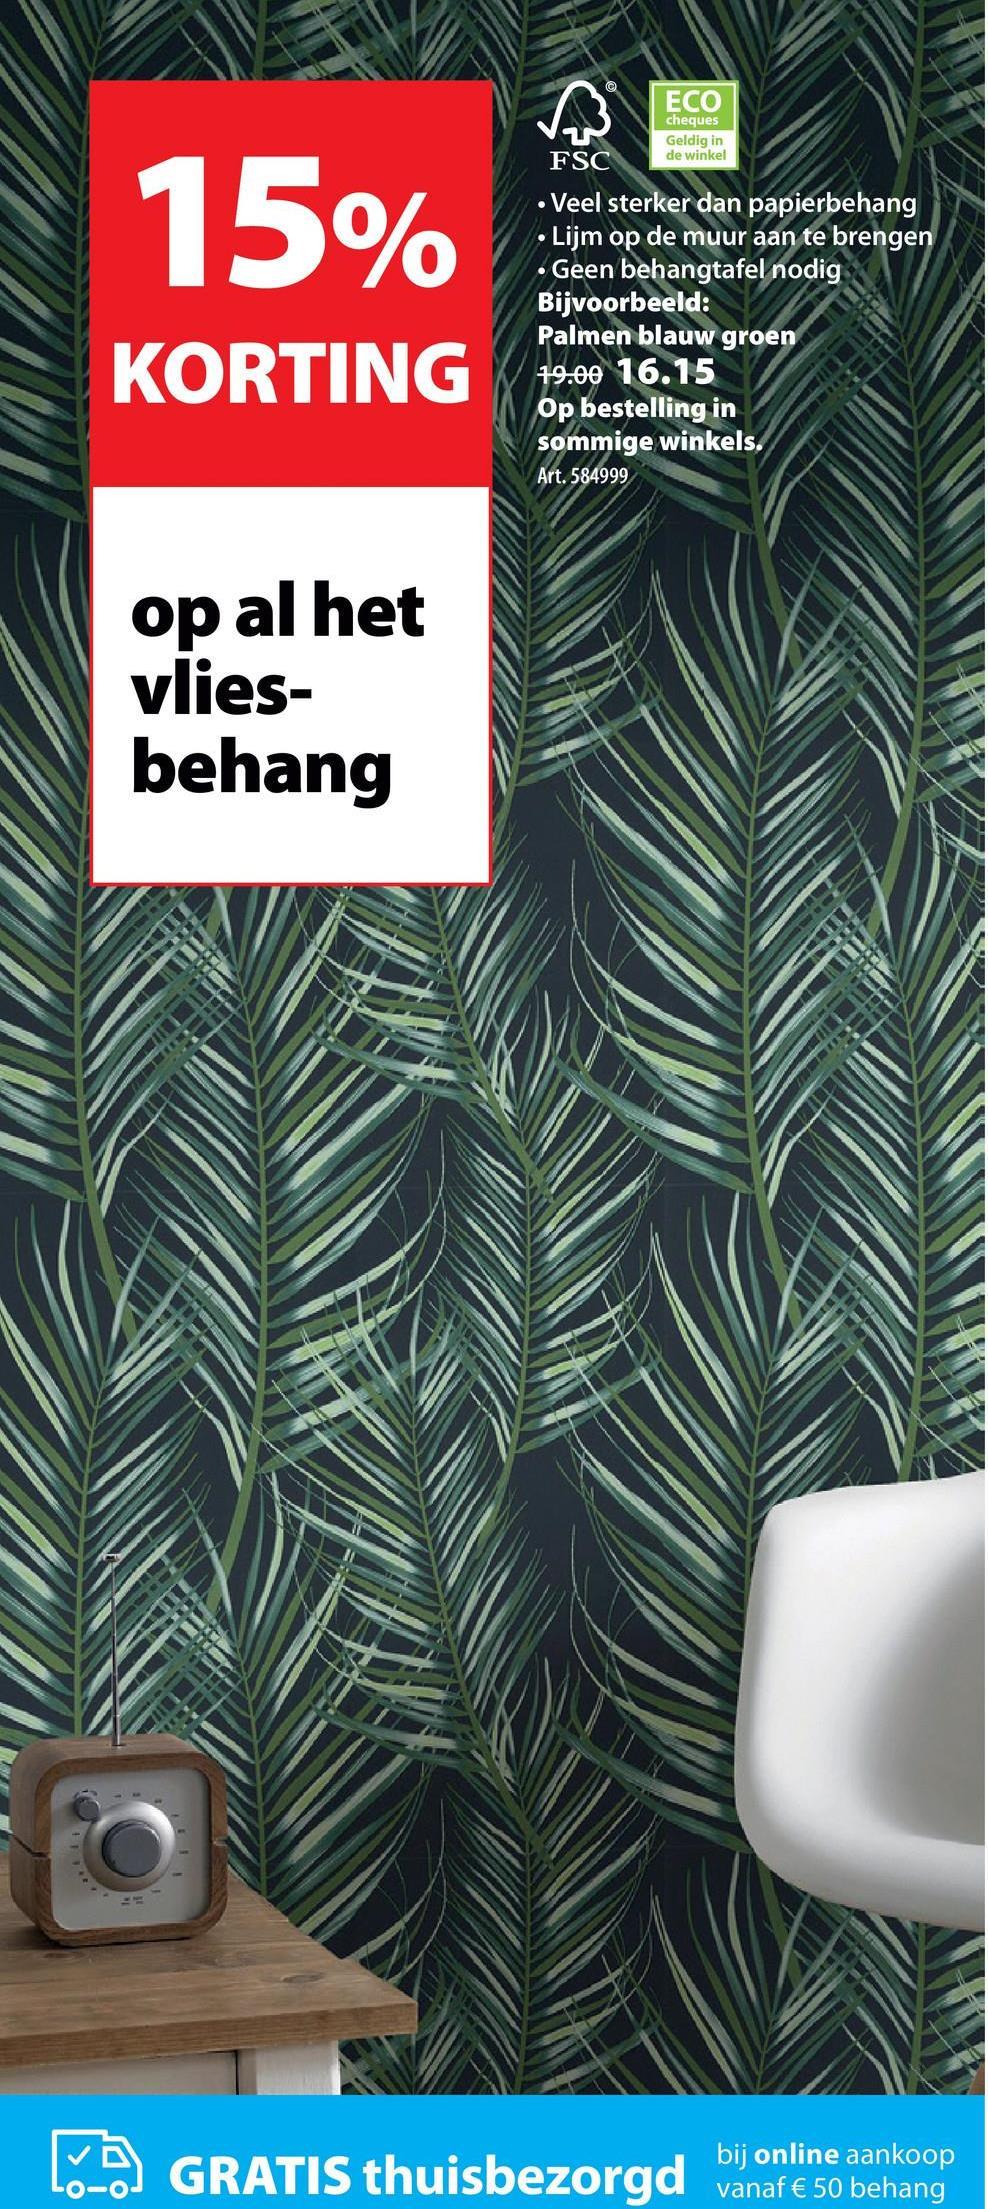 Vliesbehang Palmen blauw (dessin 100558) Met het Vliesbehang - 100558 bekend onder de merknaam Superfresco Easy van Graham & Brown kan iedereen behangen. Vliesbehang is zowel gemakkelijk aan te brengen als te verwijderen, waarbij je geen behangtafel of afstomer nodig heeft. Je brengt eenvoudig de lijm aan op de muur en het behang kan worden geplakt. Voor een zo goed mogelijk resultaat dienen de te beplakken oppervlakken droog, egaal van kleur en vlak te zijn. Vliesbehang - 100558 is onderdeel van het ruime assortiment vliesbehang bij Gamma, waarmee jouw huis voorzien kan worden van een moderne, klassieke of een sfeervolle stijl. Kortom, kies voor Vliesbehang - 100558 als je op zoek bent naar een gemakkelijke en snelle manier om jouw kamer een nieuwe uitstraling te geven volgens de laatste woontrends.